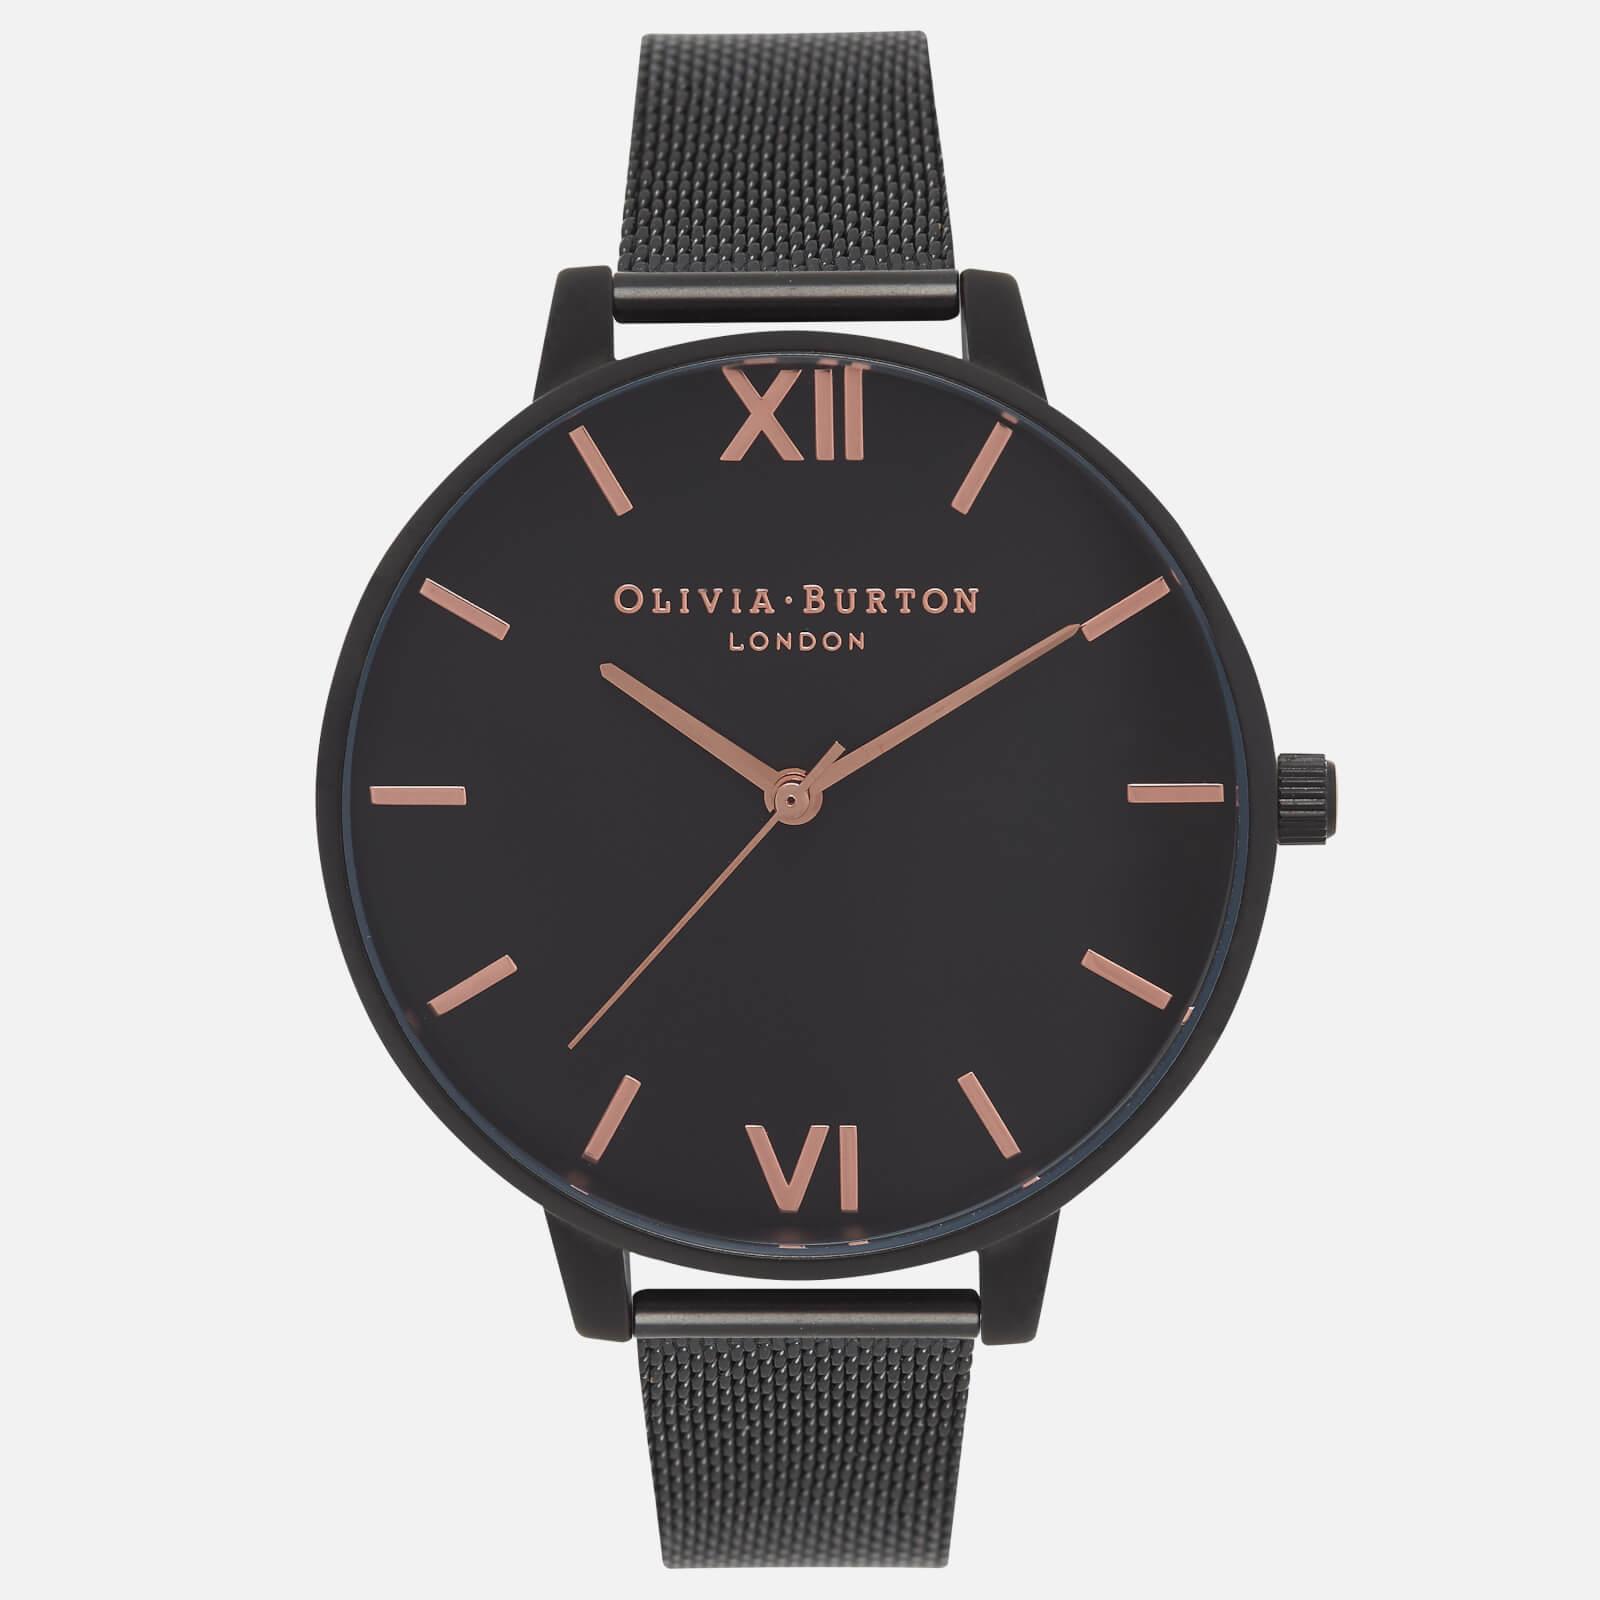 Olivia Burton Women's After Dark Matte Watch - Rose Gold and Black